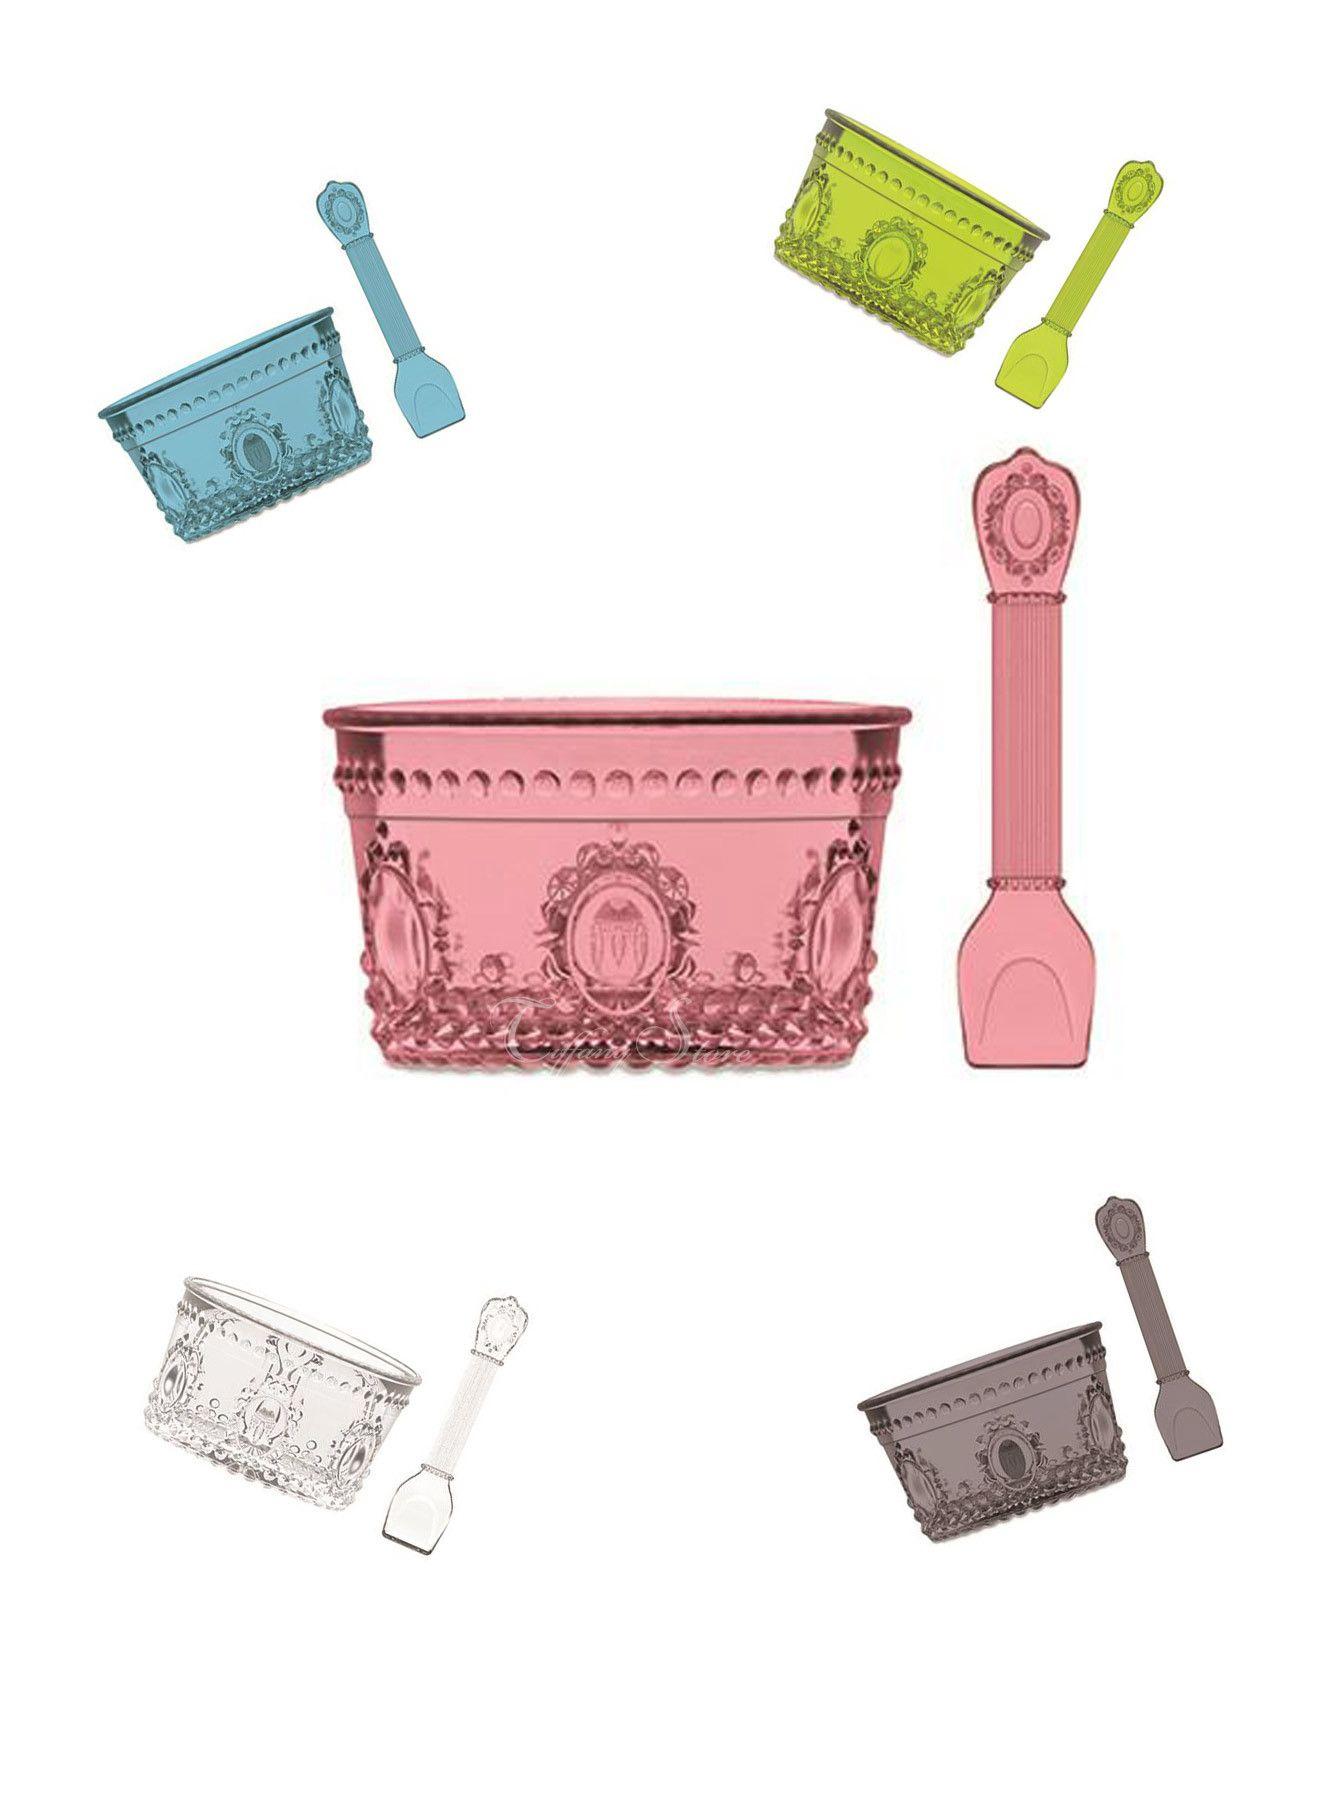 coppetta-gelato-baci-milano | Kitchen idea accessories | Pinterest ...